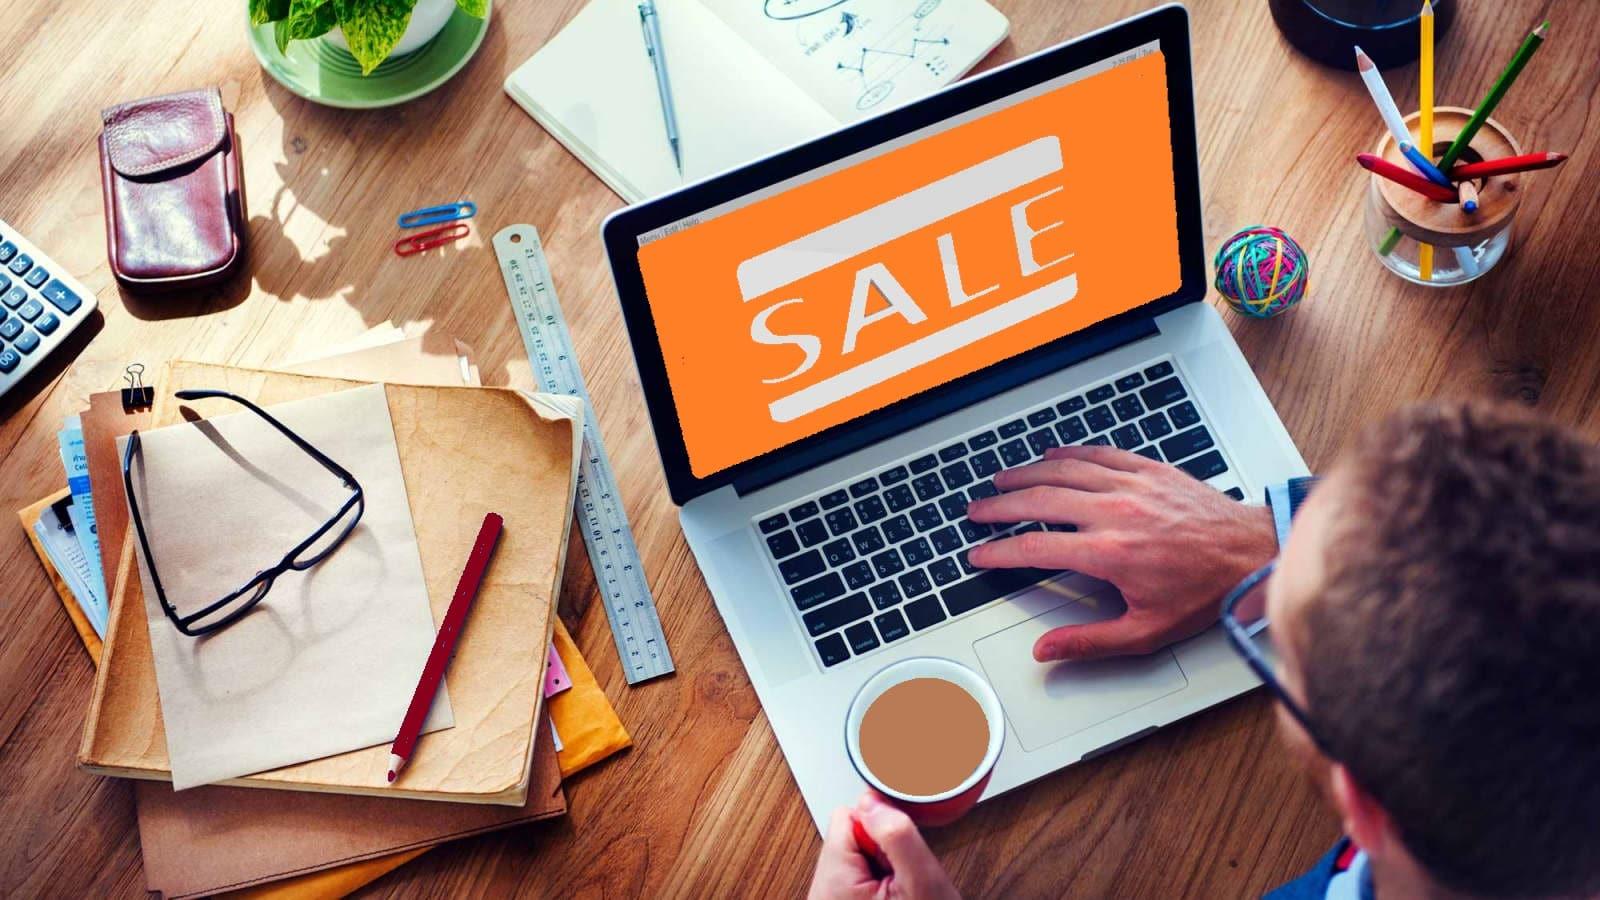 Online Business Development under Fraud